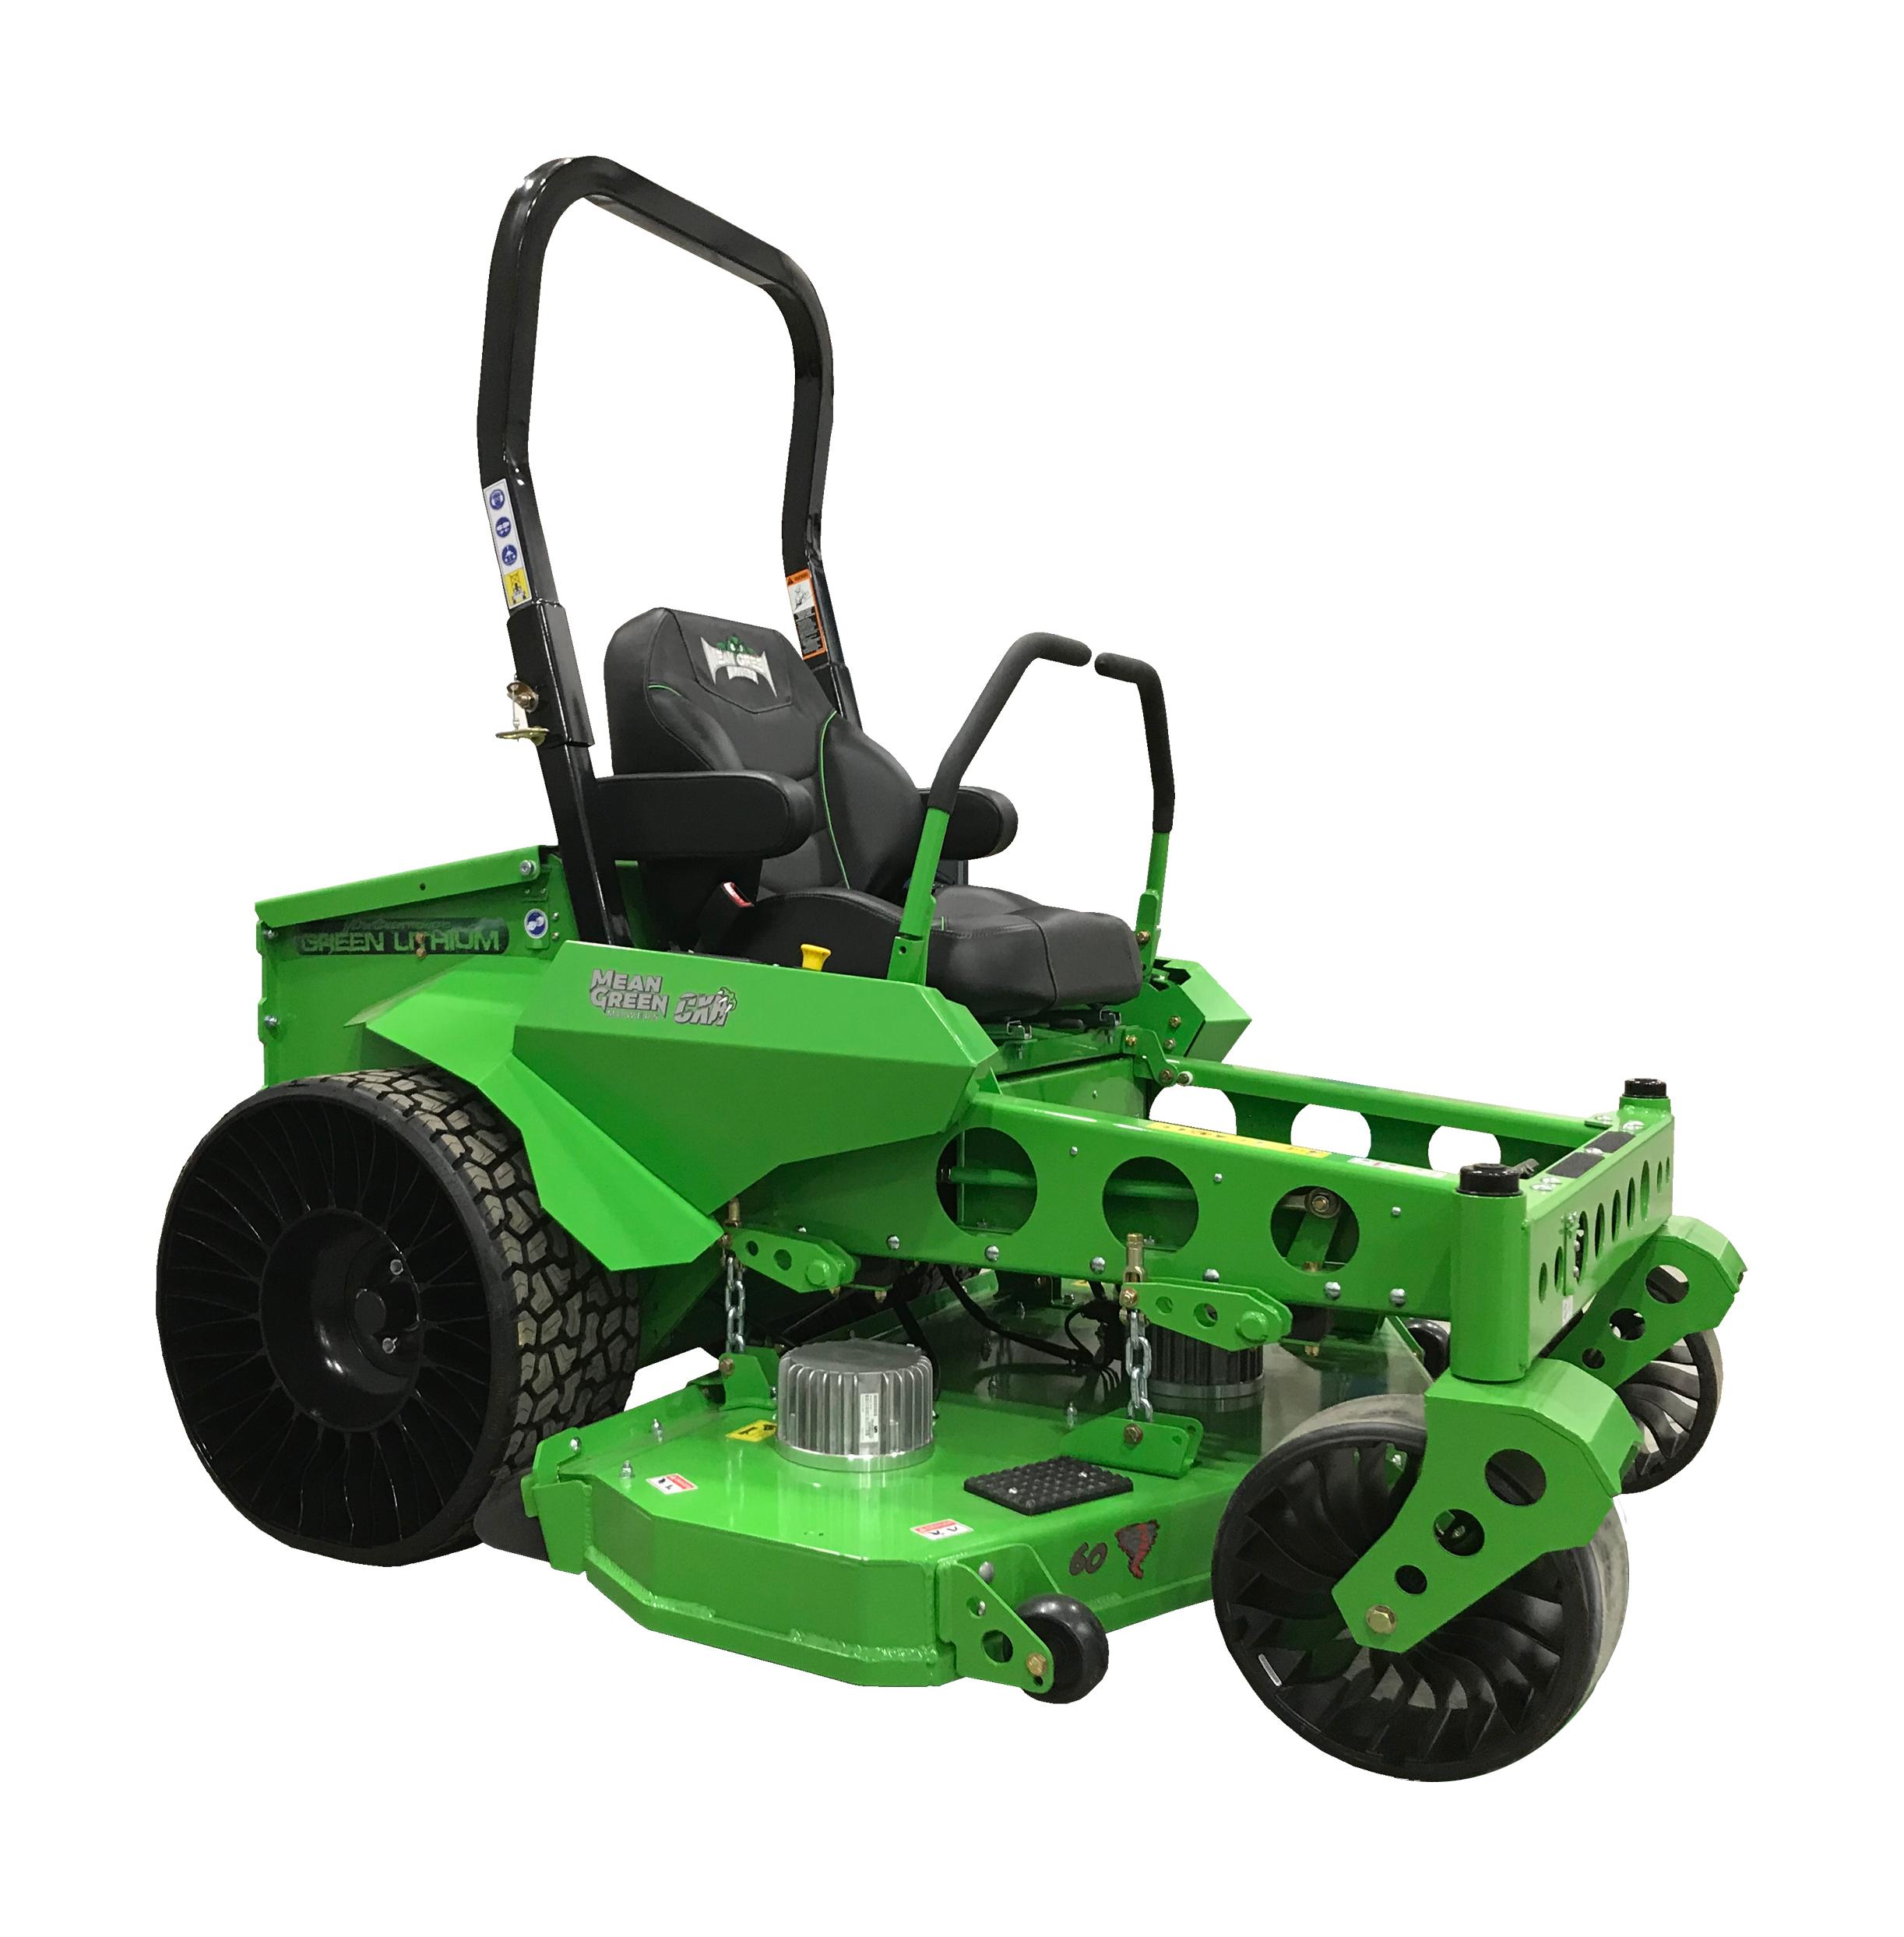 CXR-52/60 - MEAN GREEN MOWERS